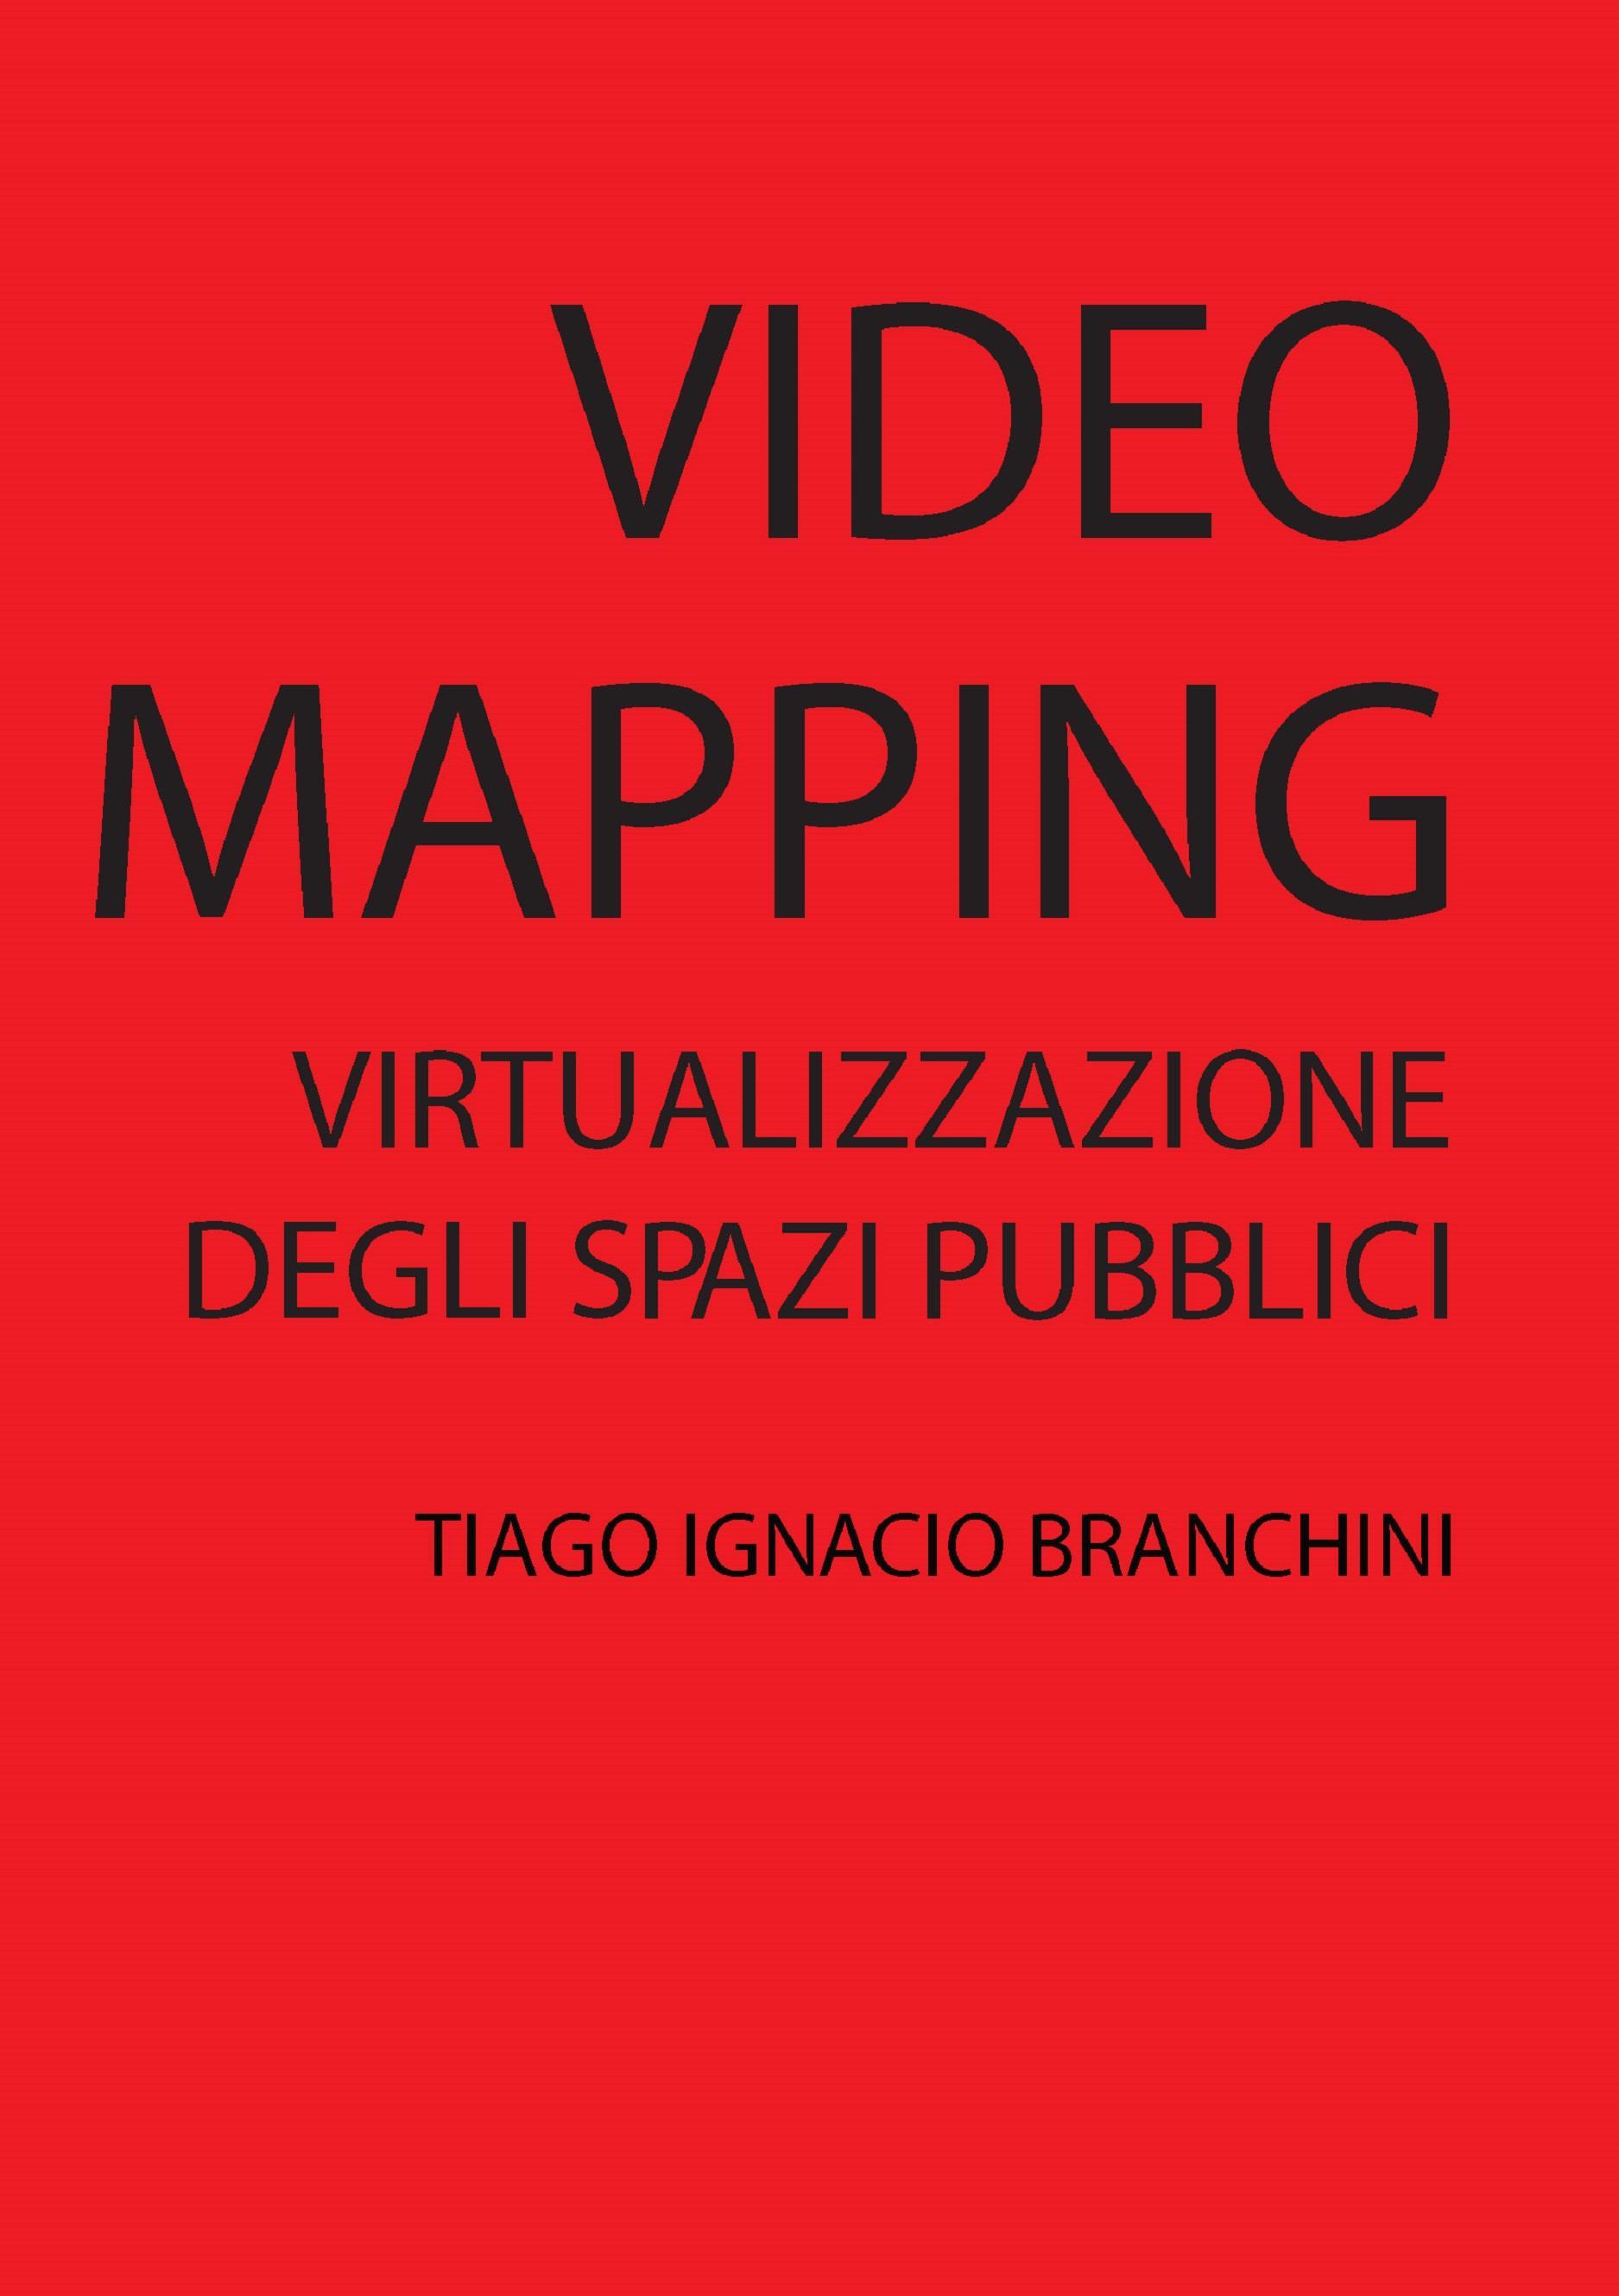 Videomapping: Virtualizzazione dello spazio pubblico